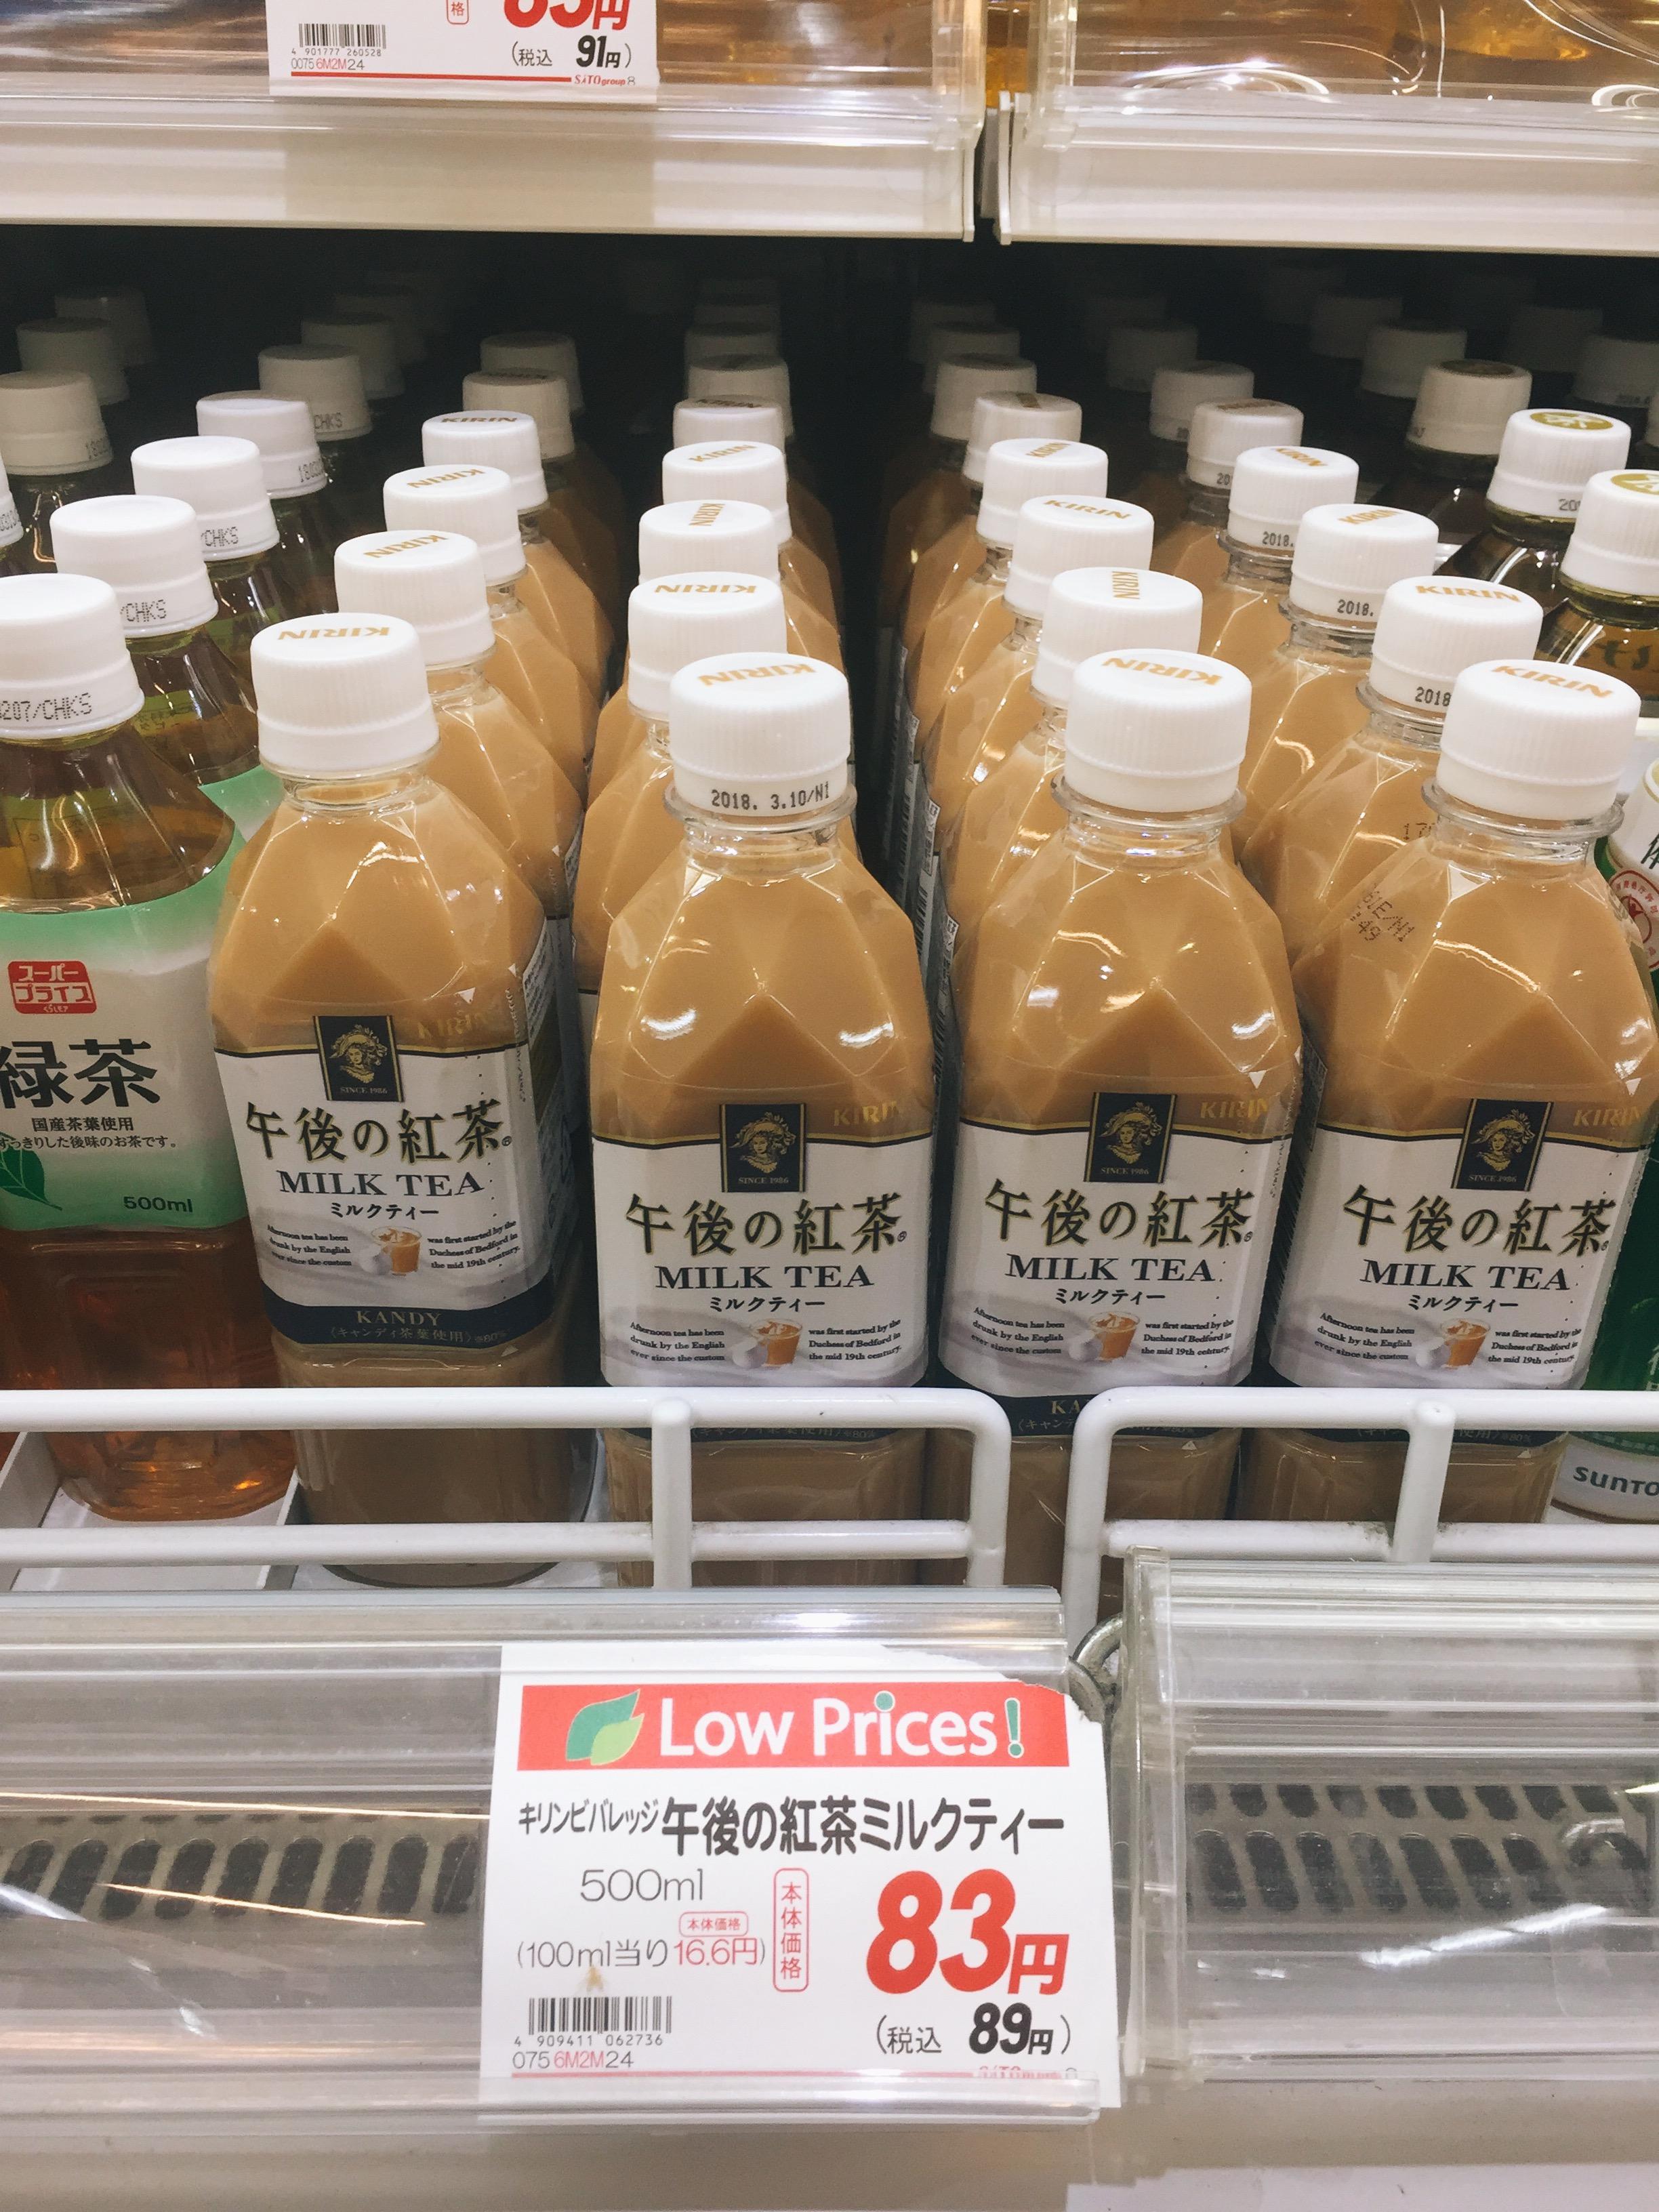 Japanese milk tea is really tasty, guys